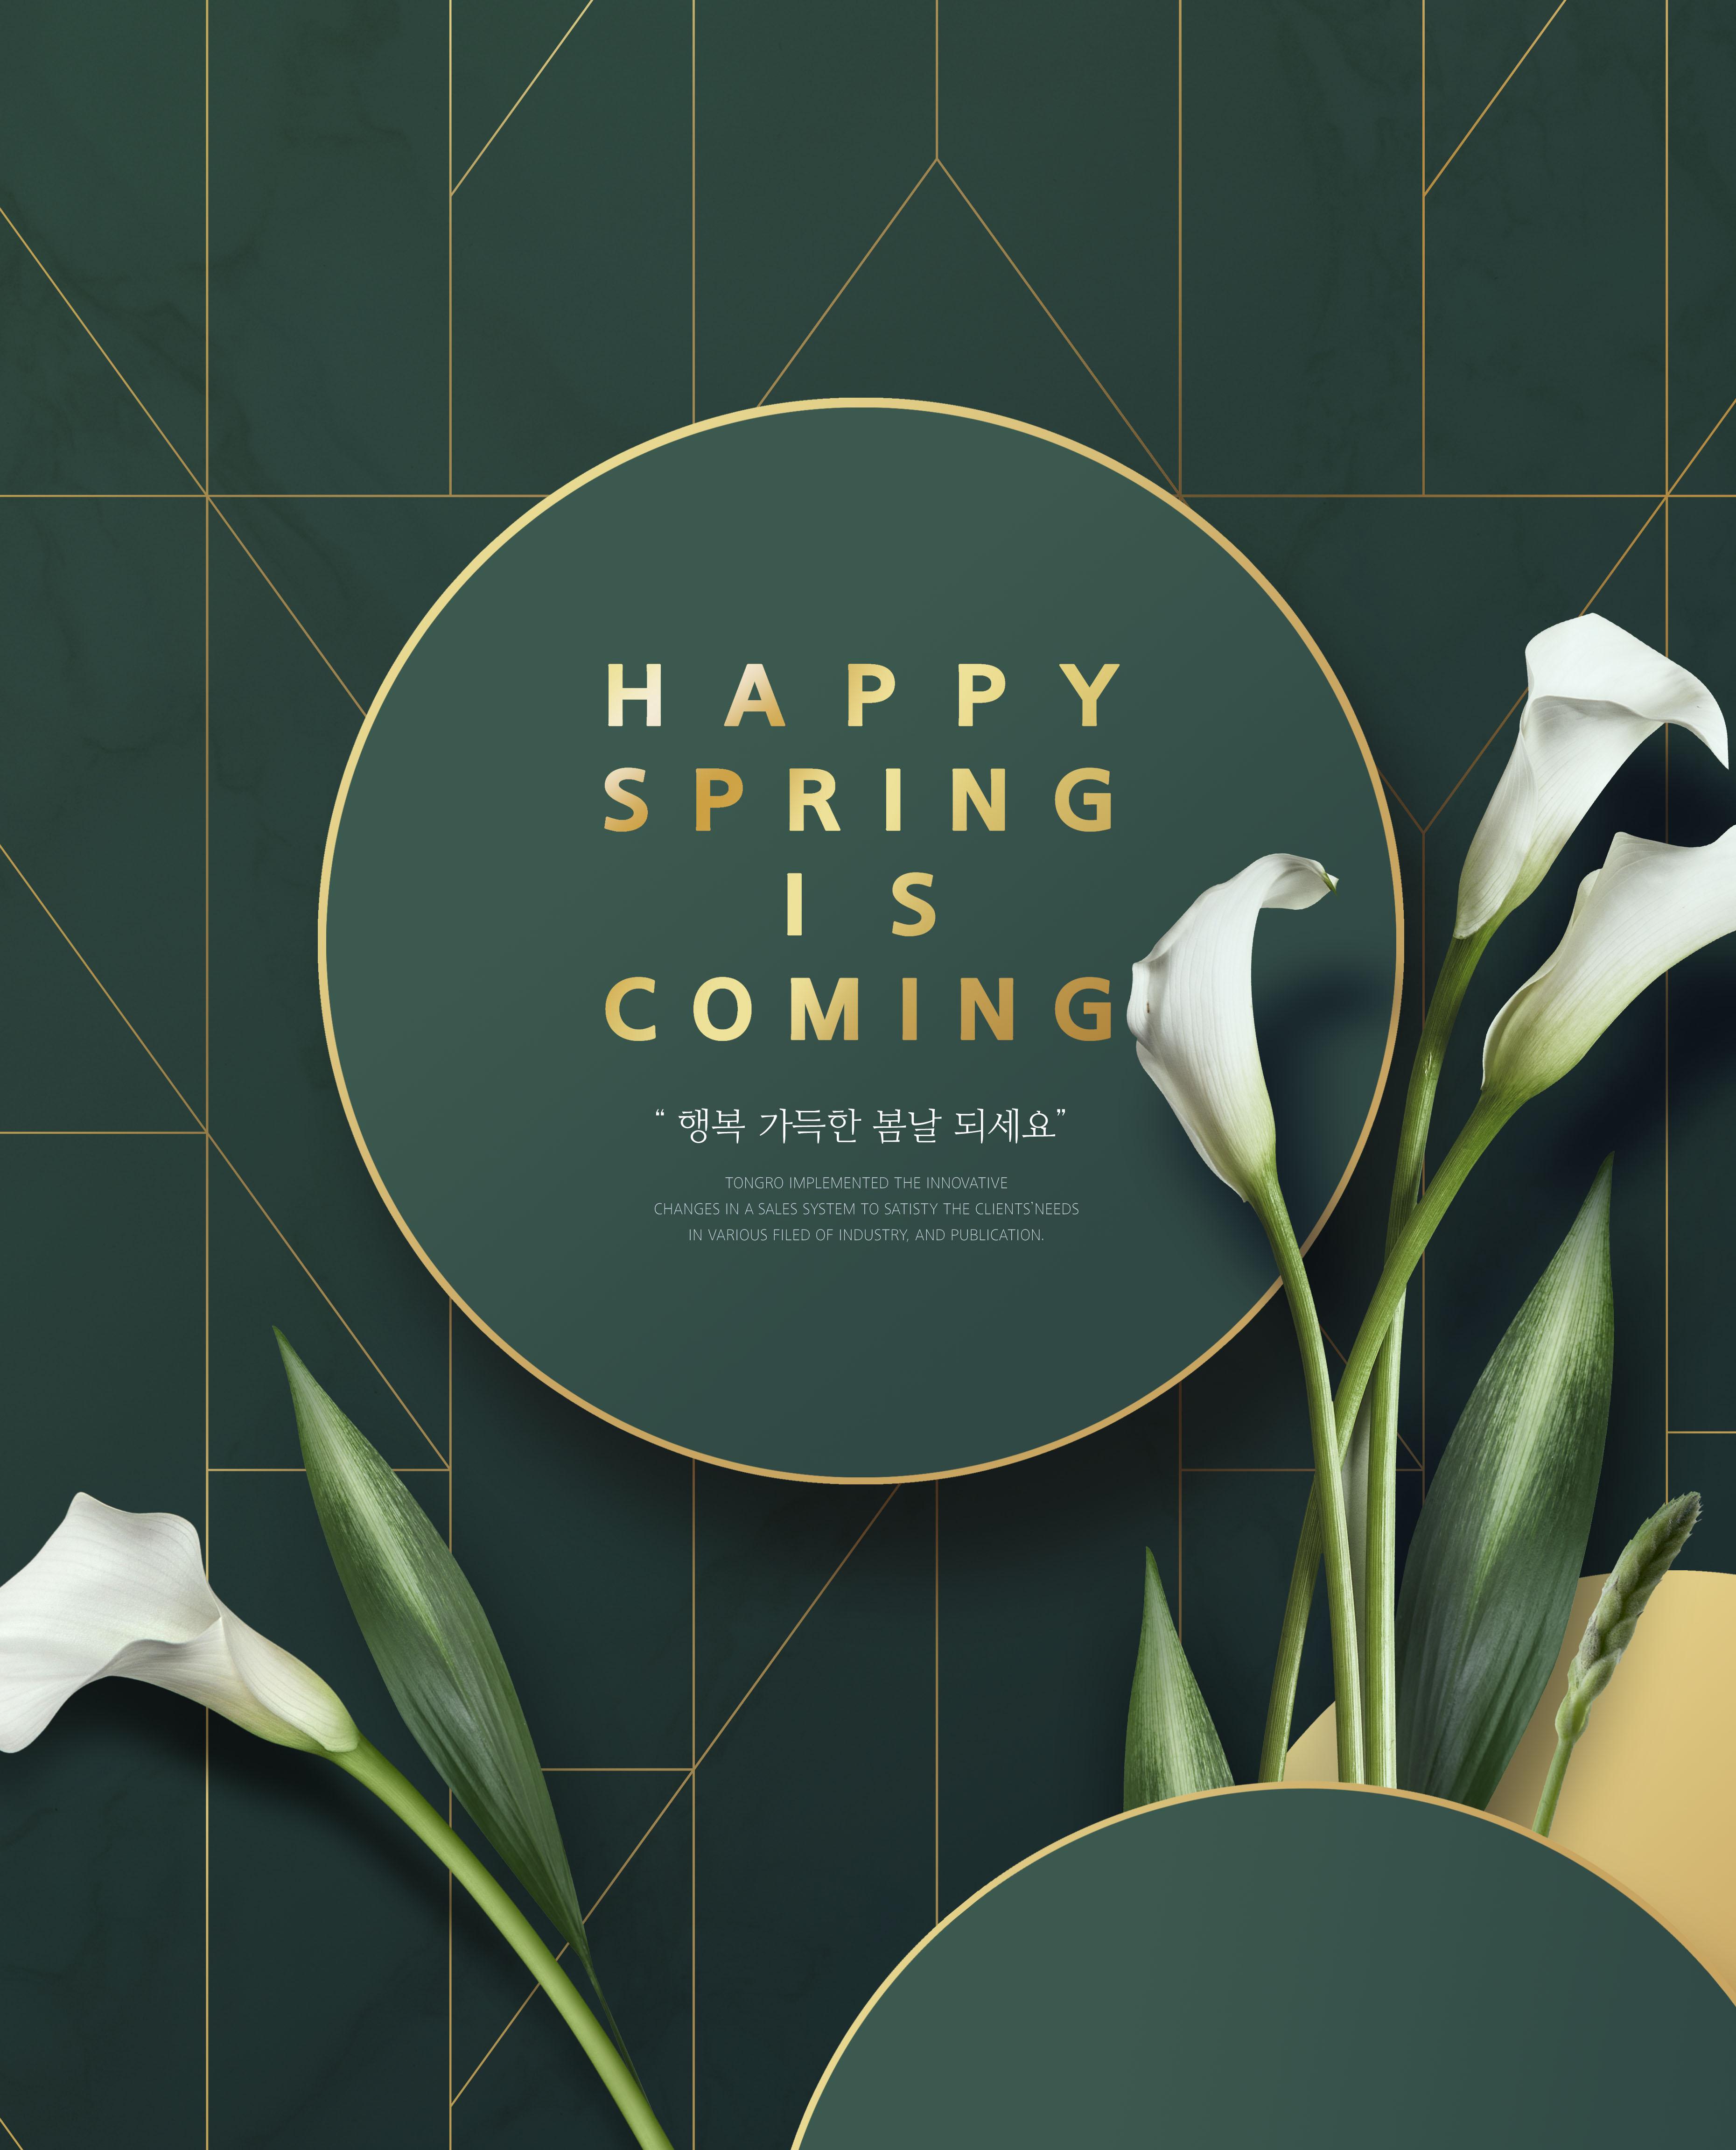 高档百合花绿背春季促销海报模板